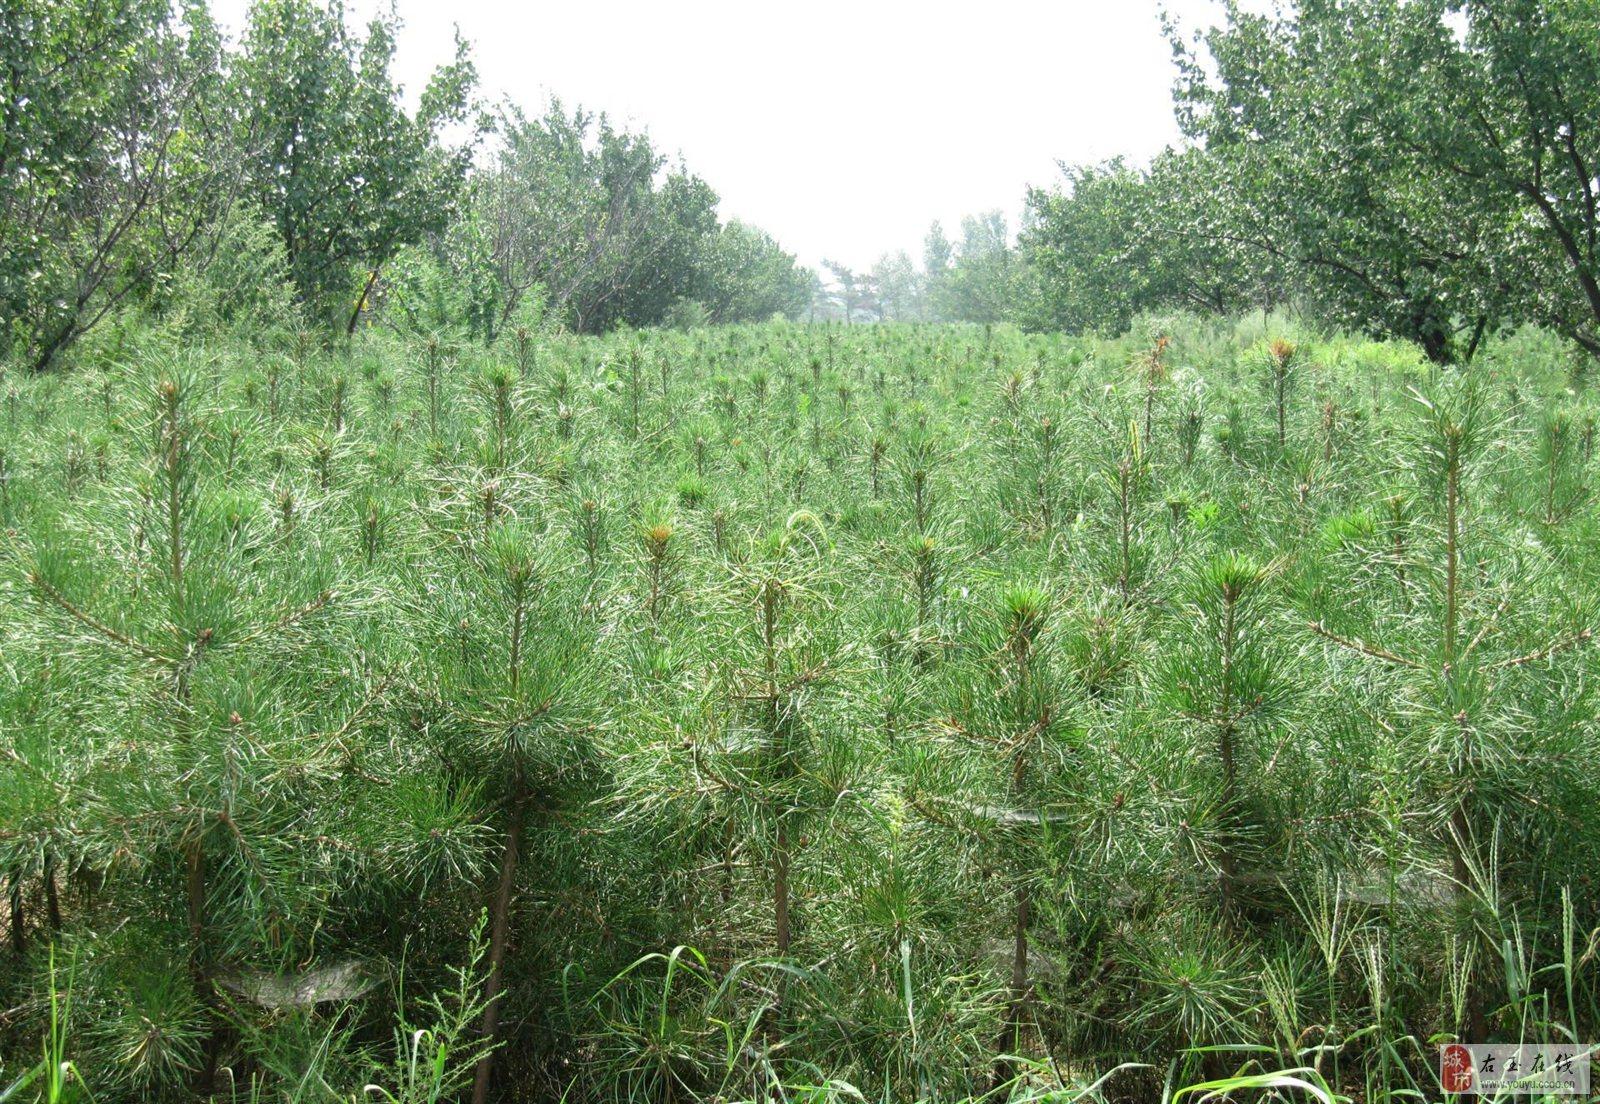 壁纸 成片种植 风景 植物 种植基地 桌面 1600_1104